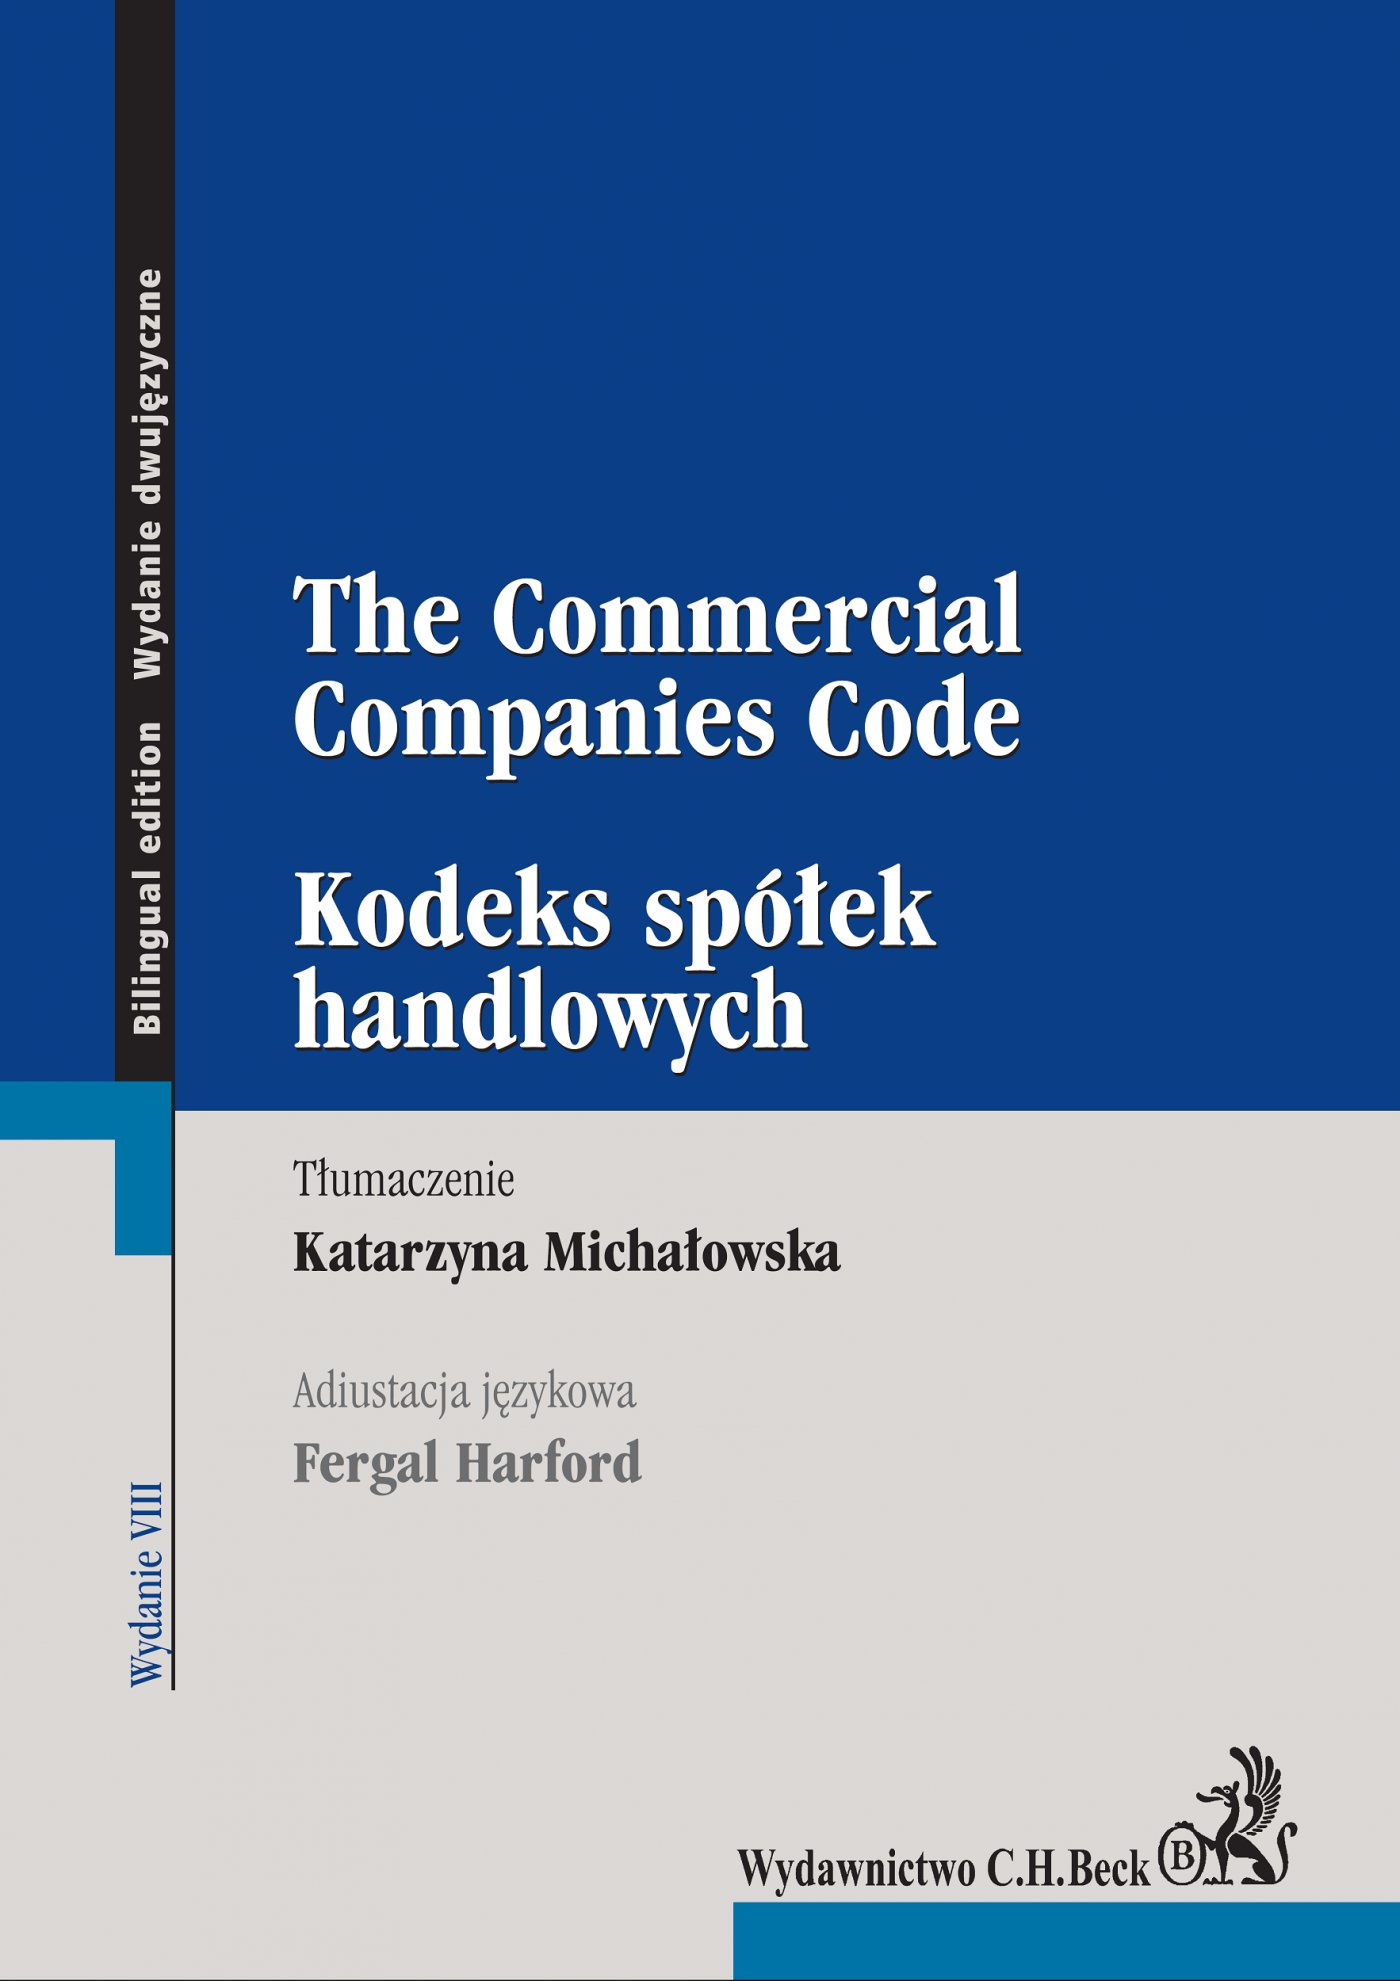 Kodeks spółek handlowych. The Commercial Companies Code. Wydanie 8 - Ebook (Książka PDF) do pobrania w formacie PDF